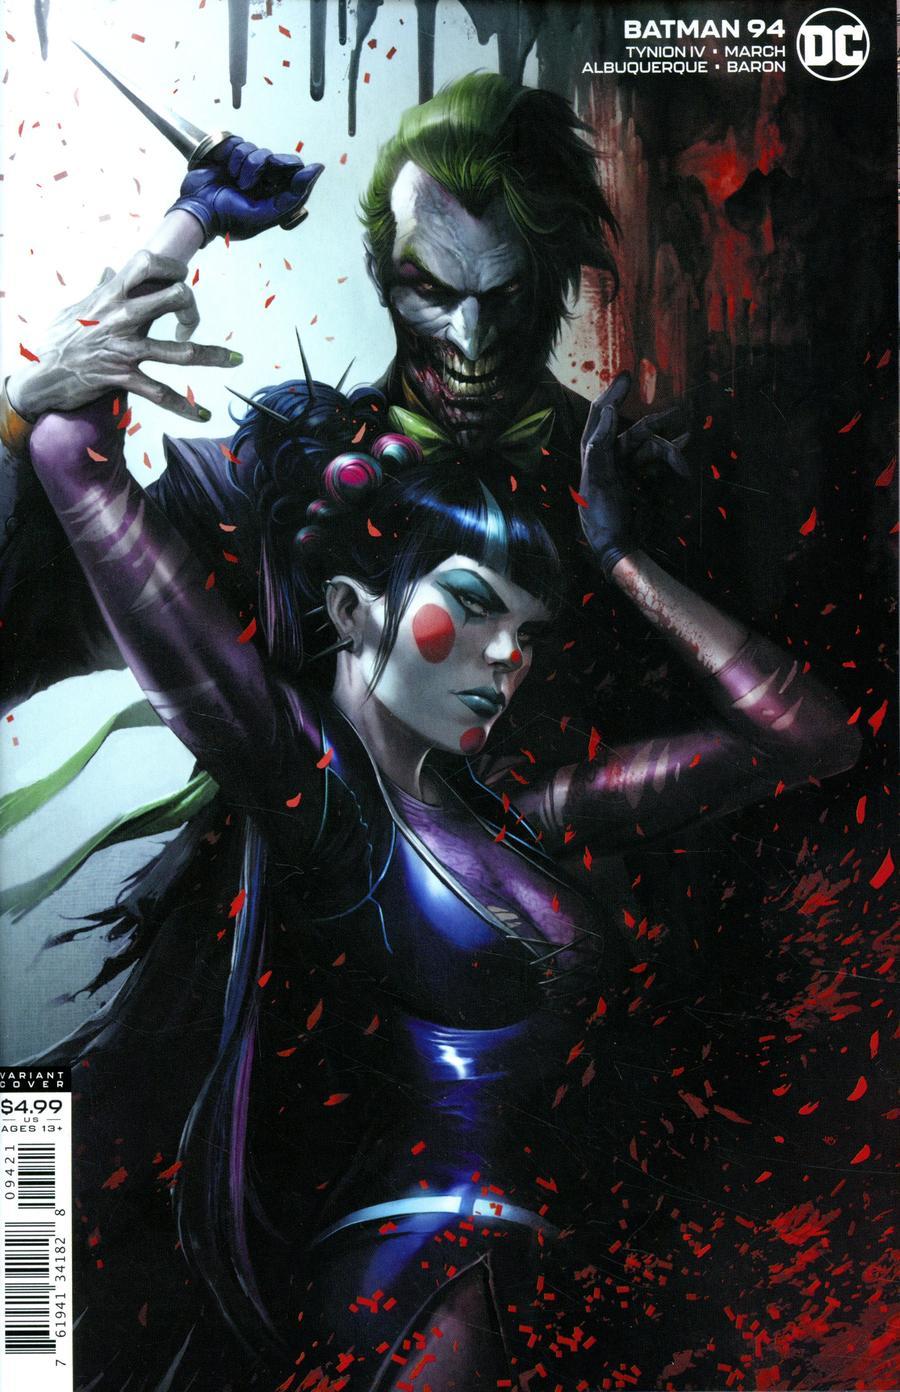 Batman Vol 3 #94 Cover B Variant Francesco Mattina Card Stock Cover